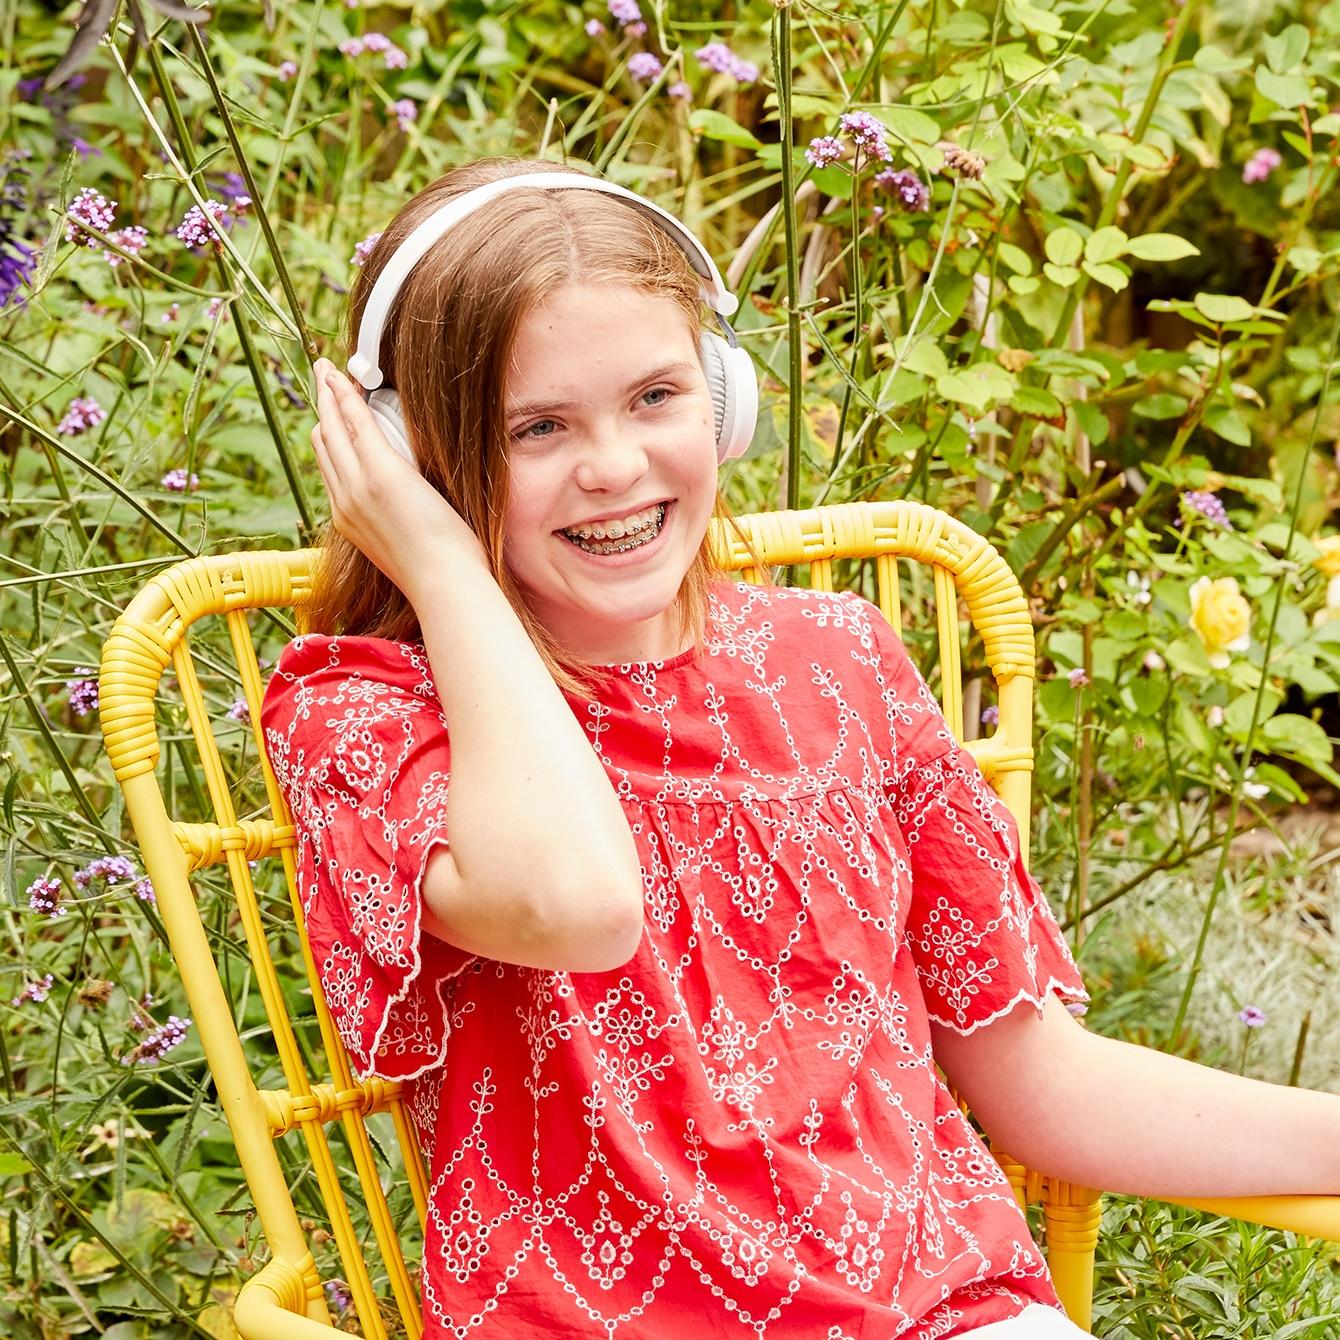 Pomóż dziecku rozwinąć pozytywny obraz siebie